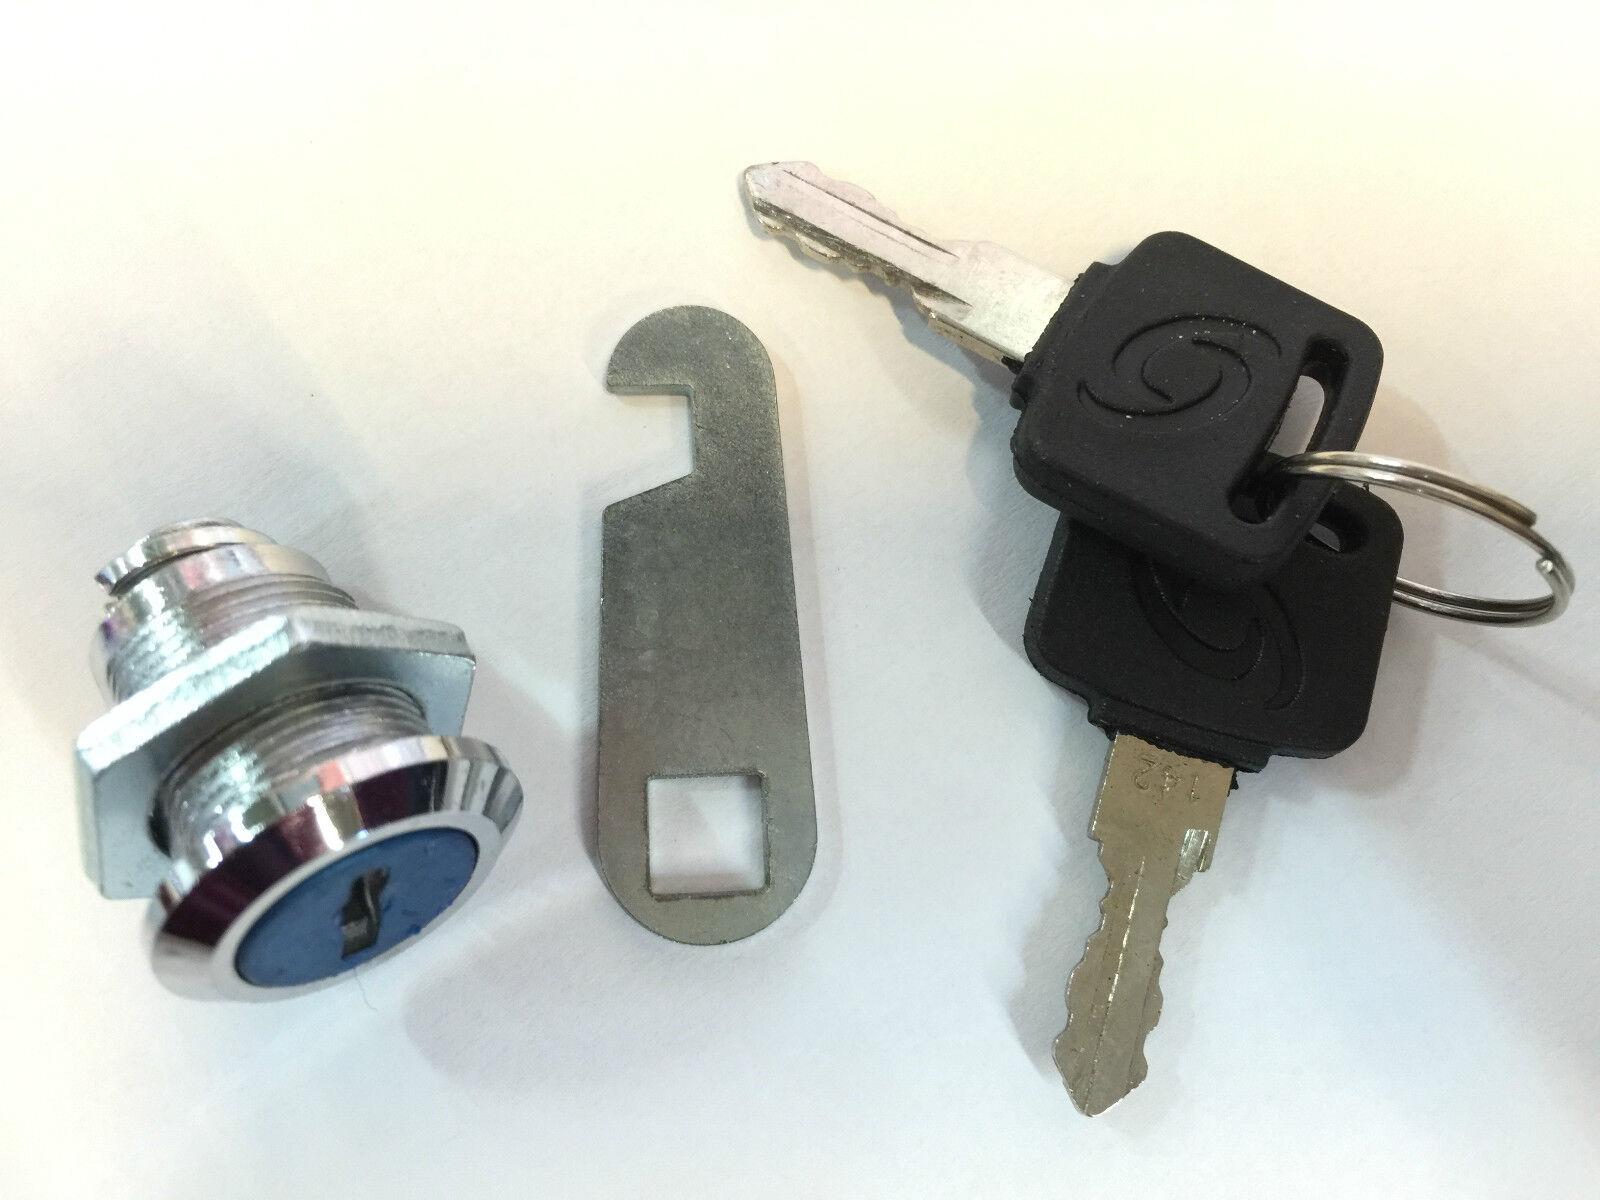 100x Schrank-und Möbelschloß Briefkastenschloss Schloss Universalzylinder 16mm